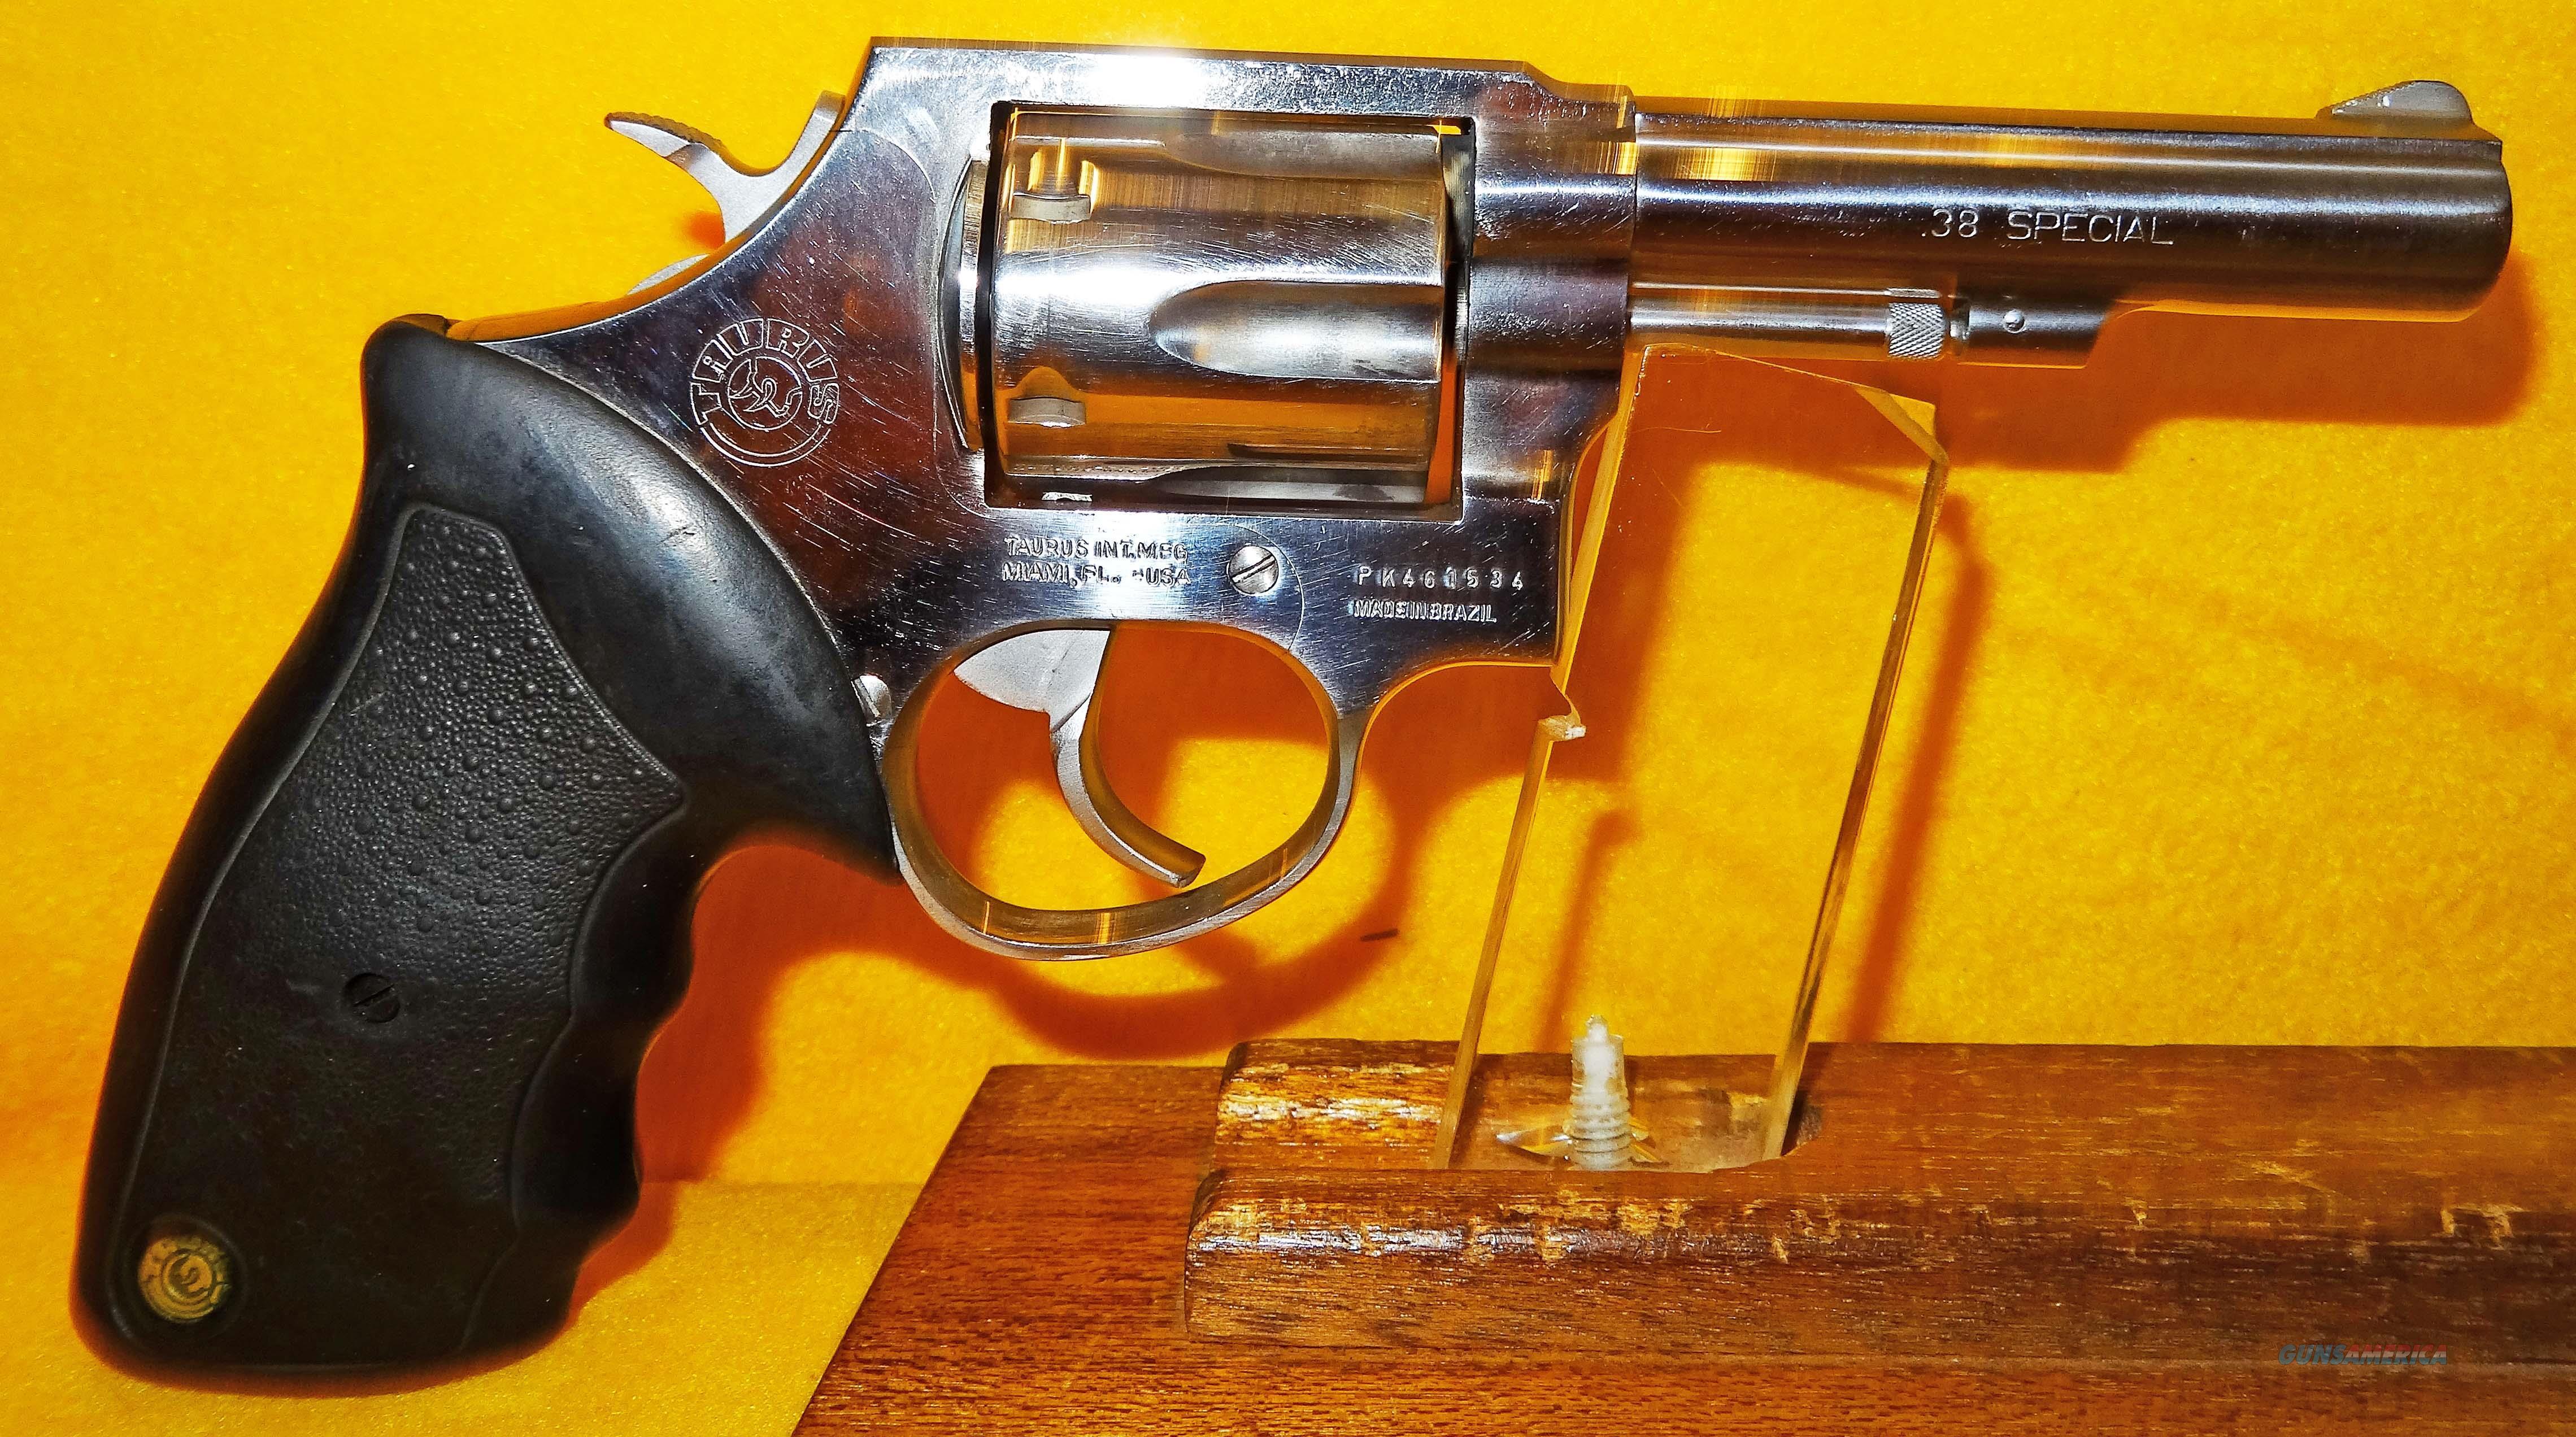 TAURUS 82  Guns > Pistols > Taurus Pistols > Revolvers